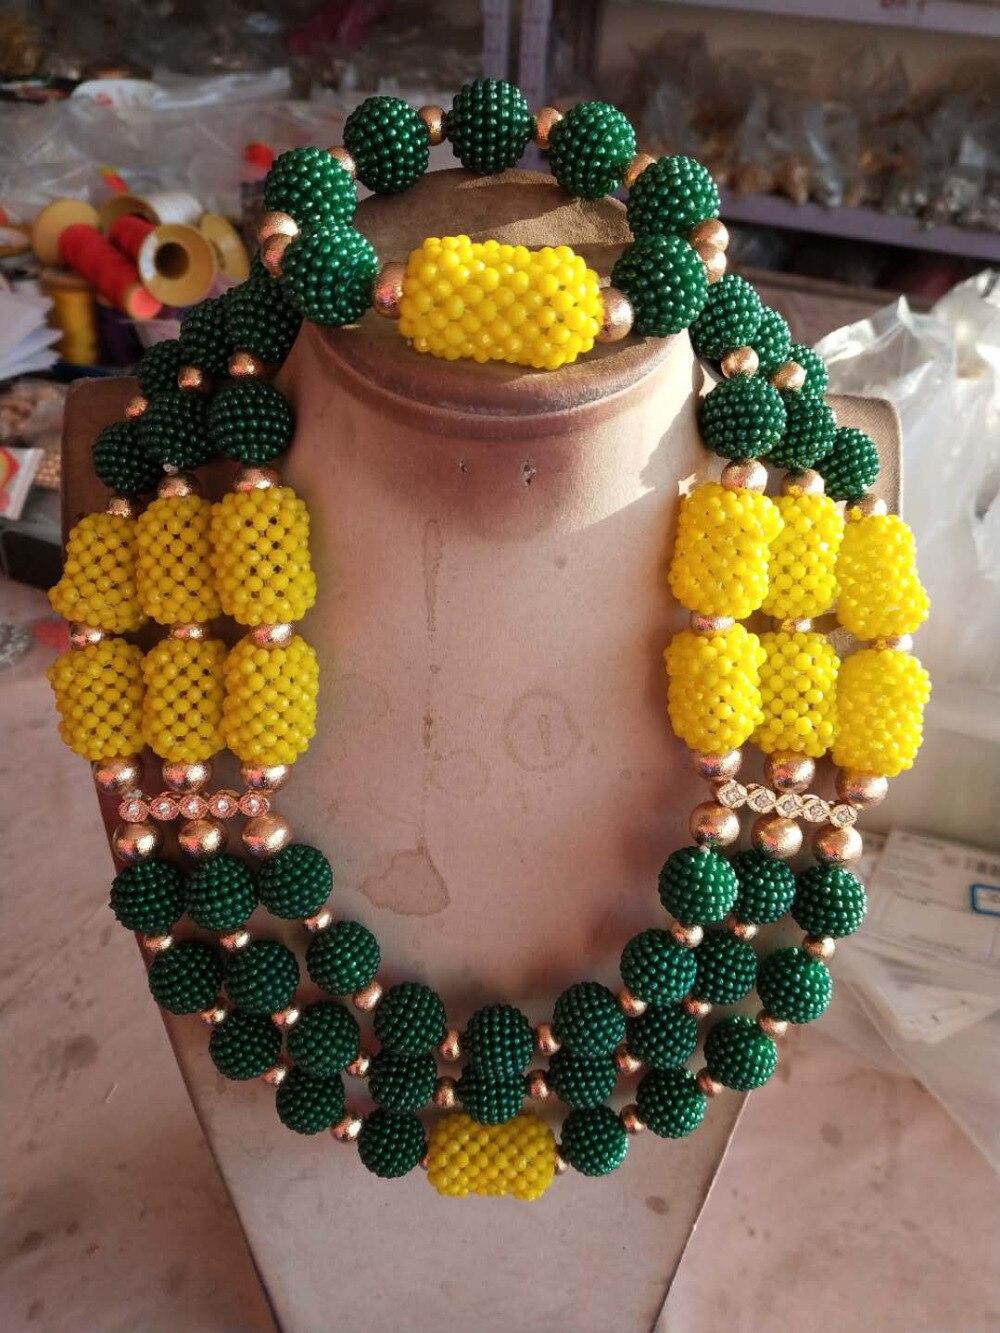 2018 nouveaux colliers ensemble perles de cristal jaune et vert collier boule Bracelet boucle d'oreille ensemble le meilleur cadeau livraison gratuite HX740